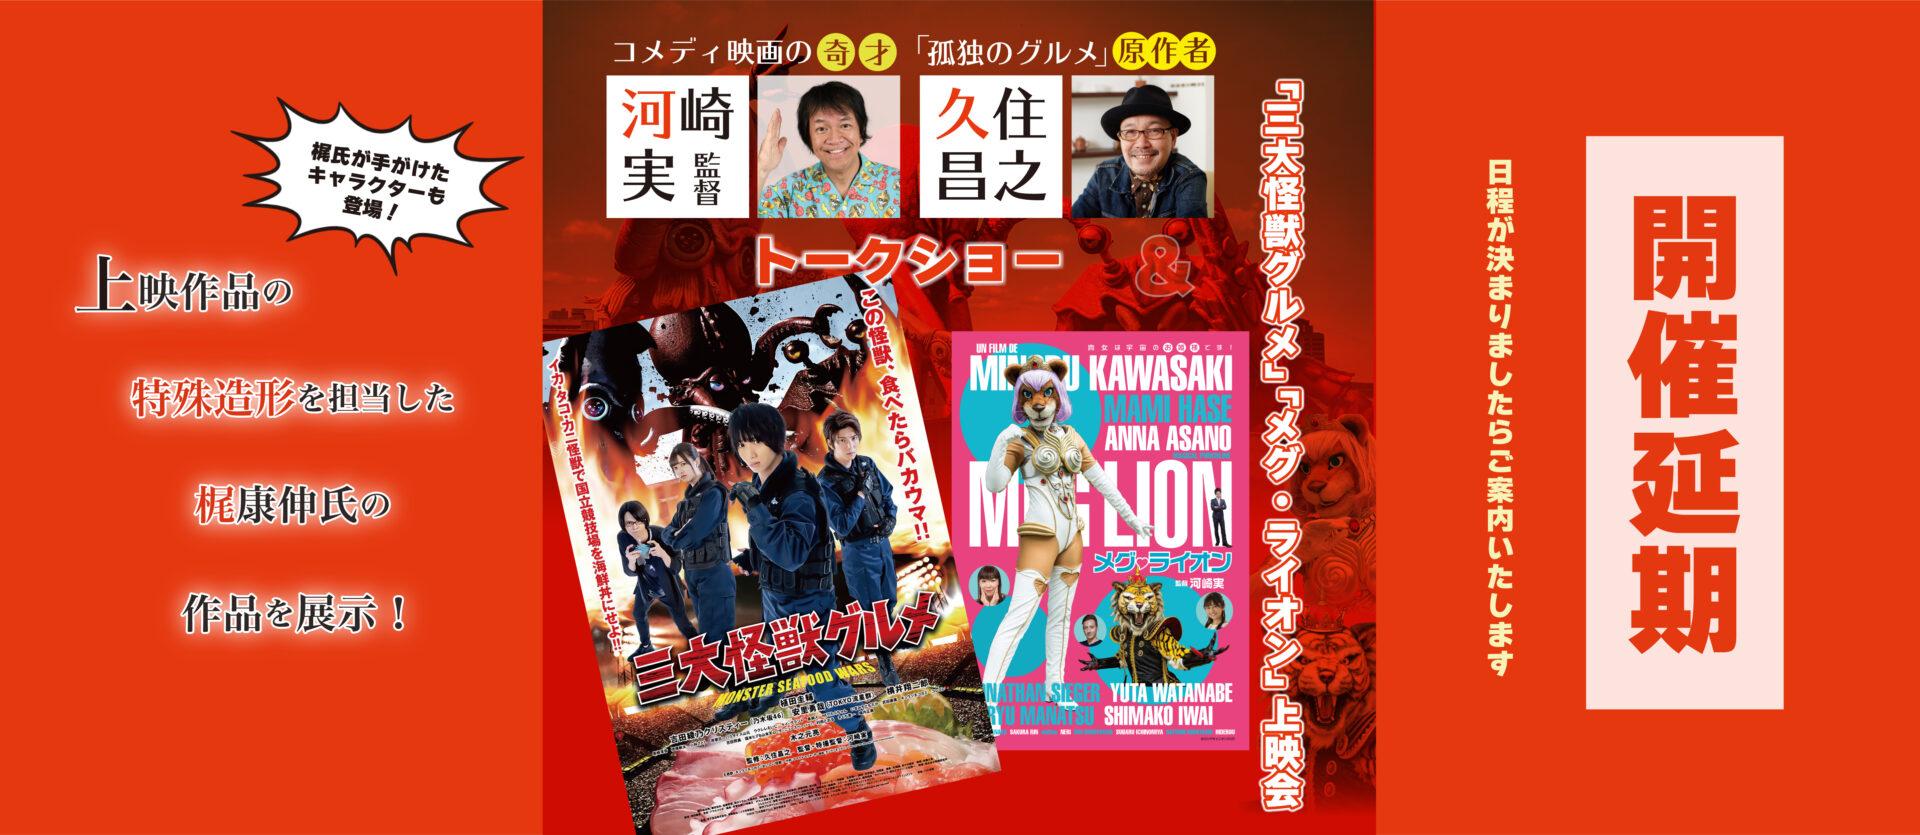 河崎実監督久住昌之トークショー&三大怪獣グルメメグ・ライオン上映会